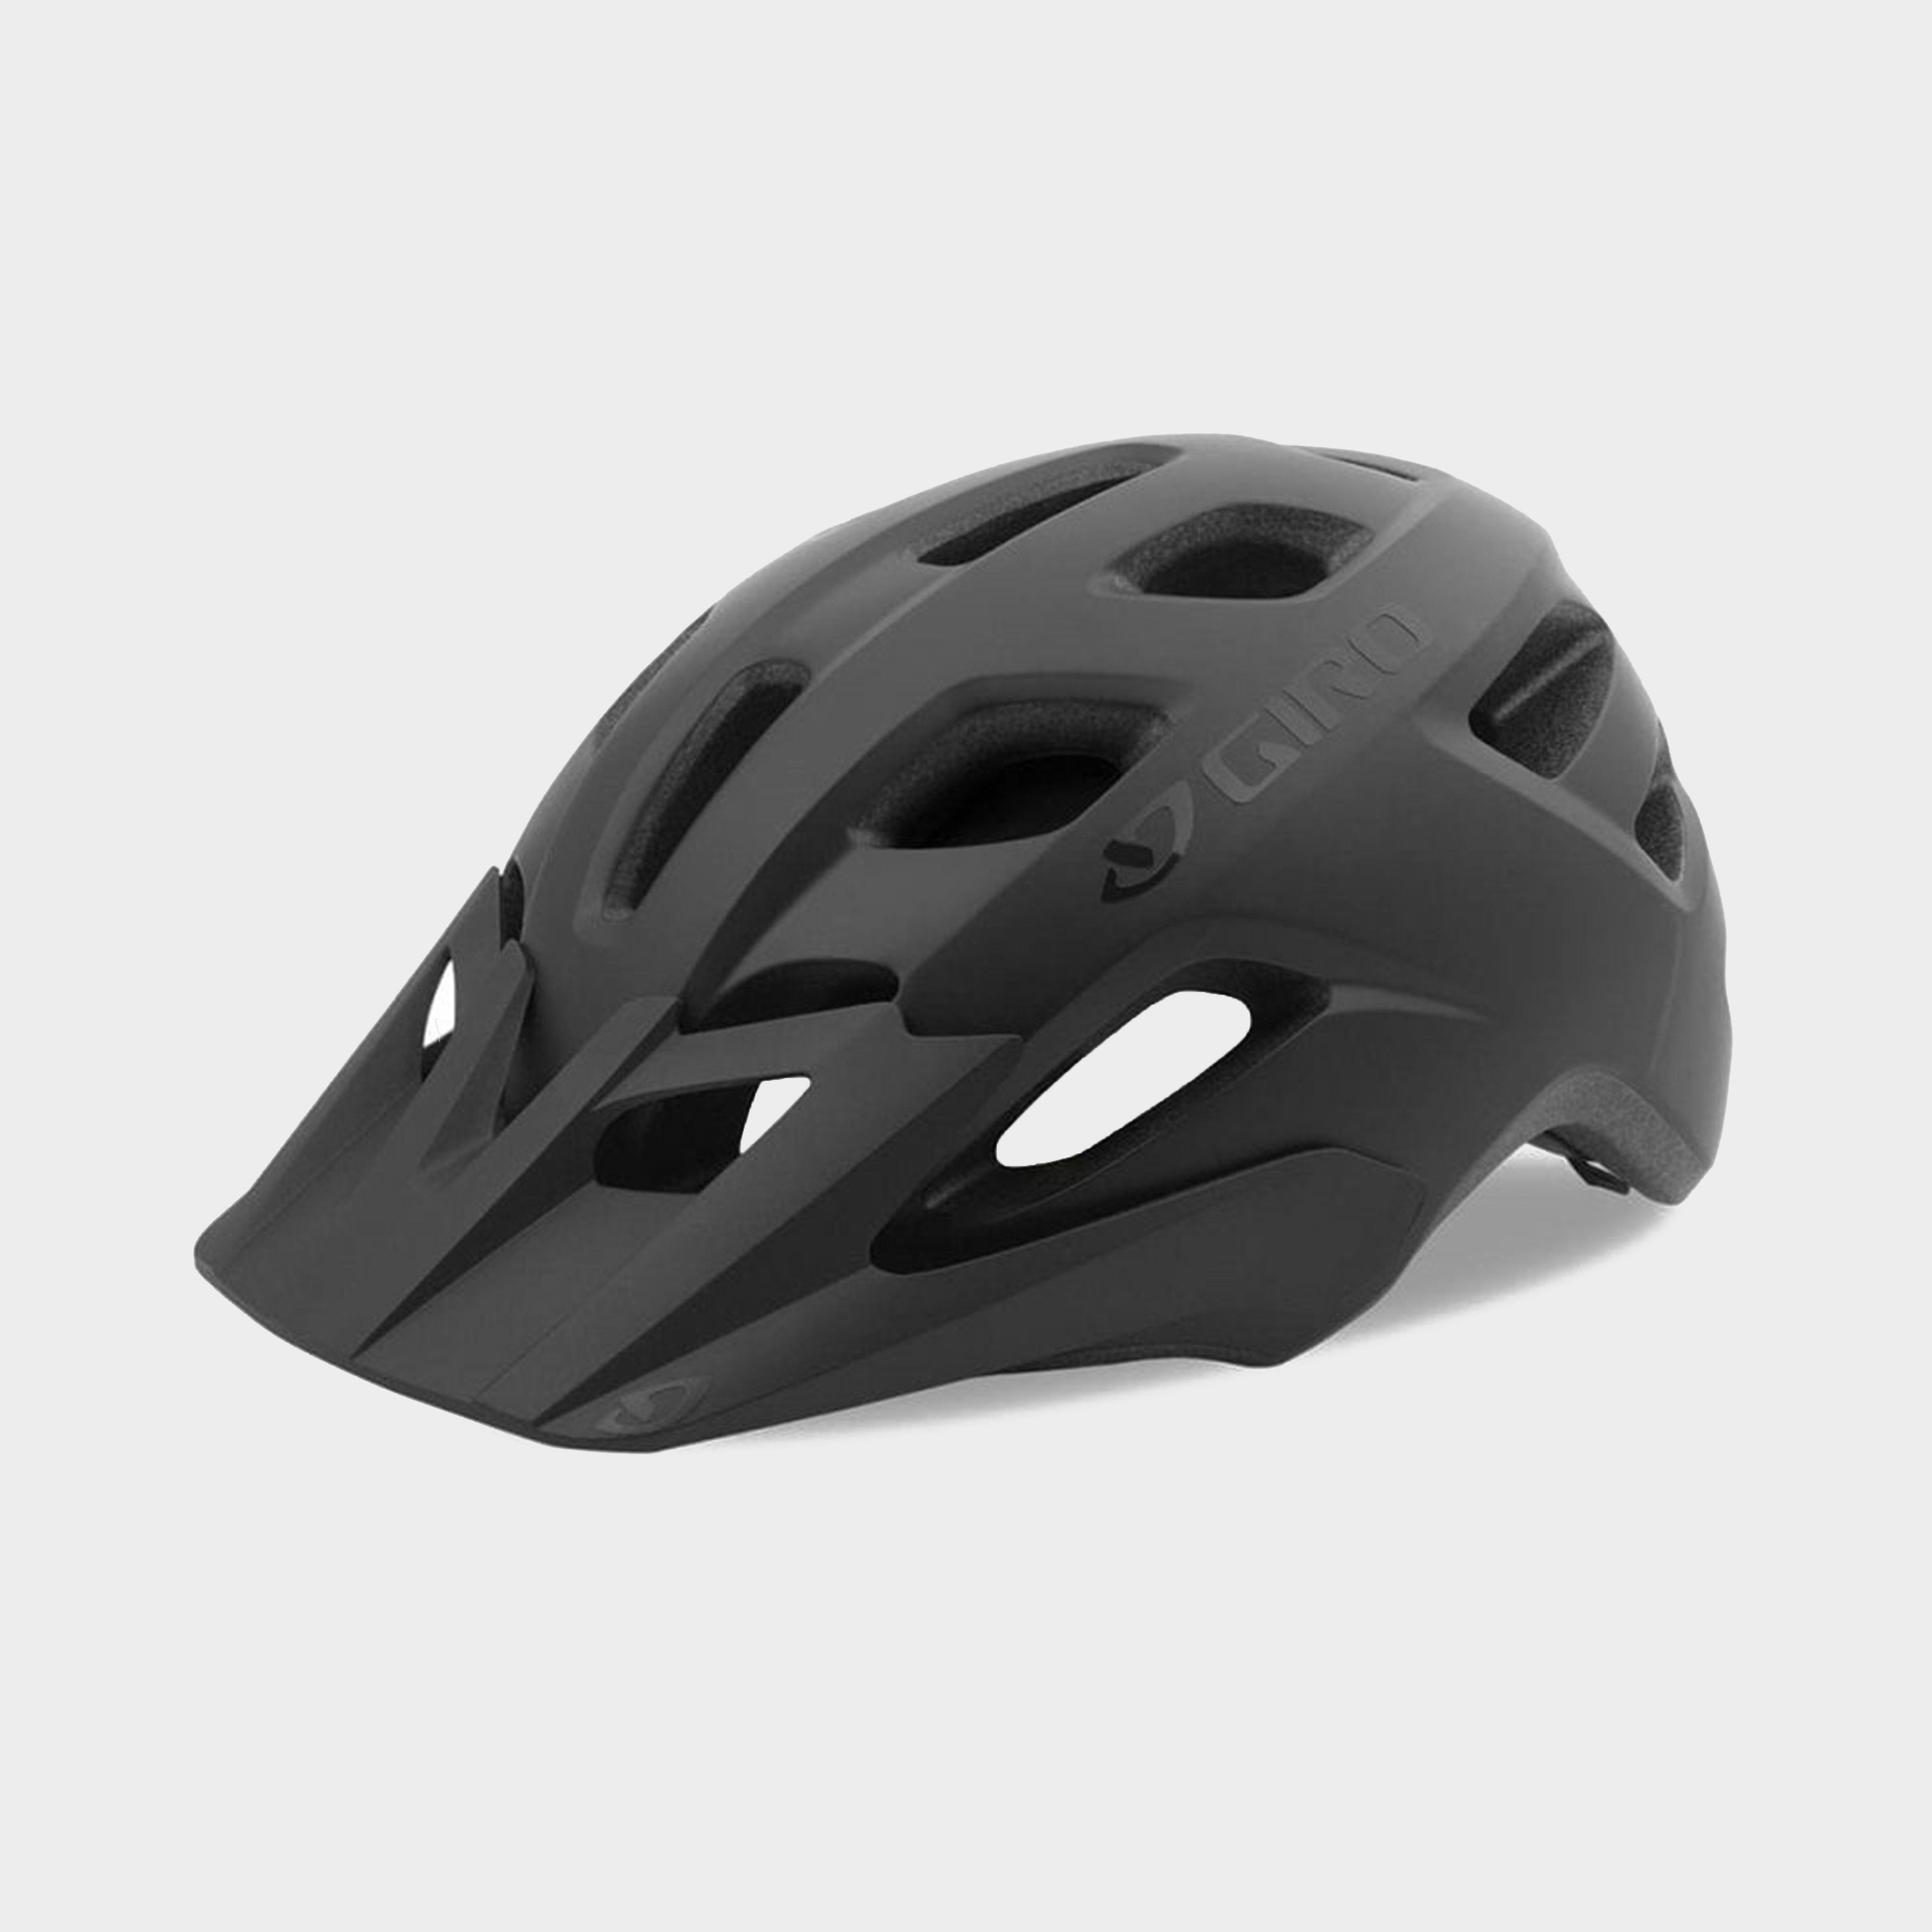 Giro Fixture Mips Helmet - Black, Black